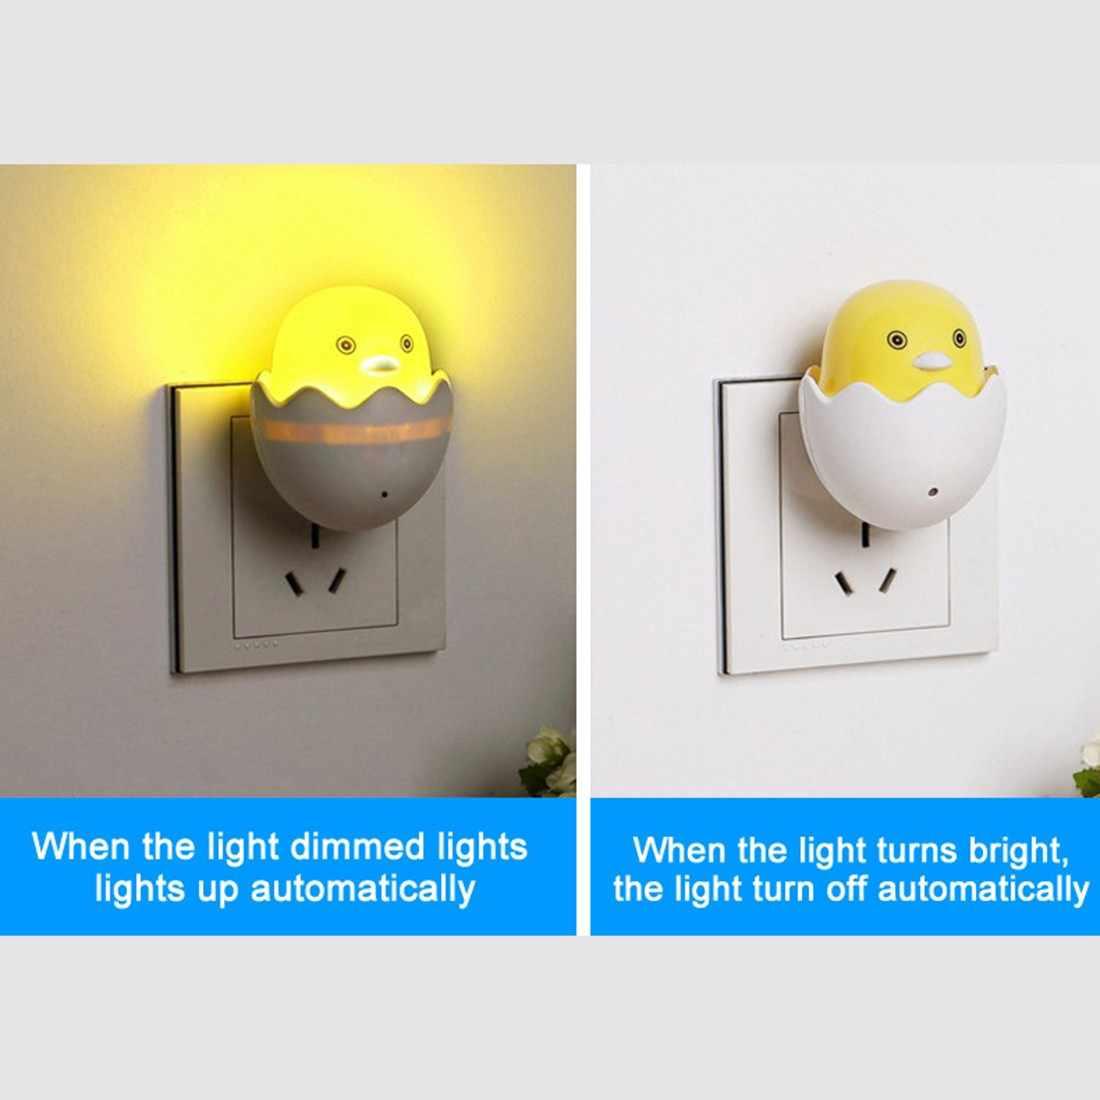 Милая маленькая Желтая утка лампы светодиодный ночник AC 220 В ЕС настенная розетка датчик контроля освещенности спальня лампа подарок для детей